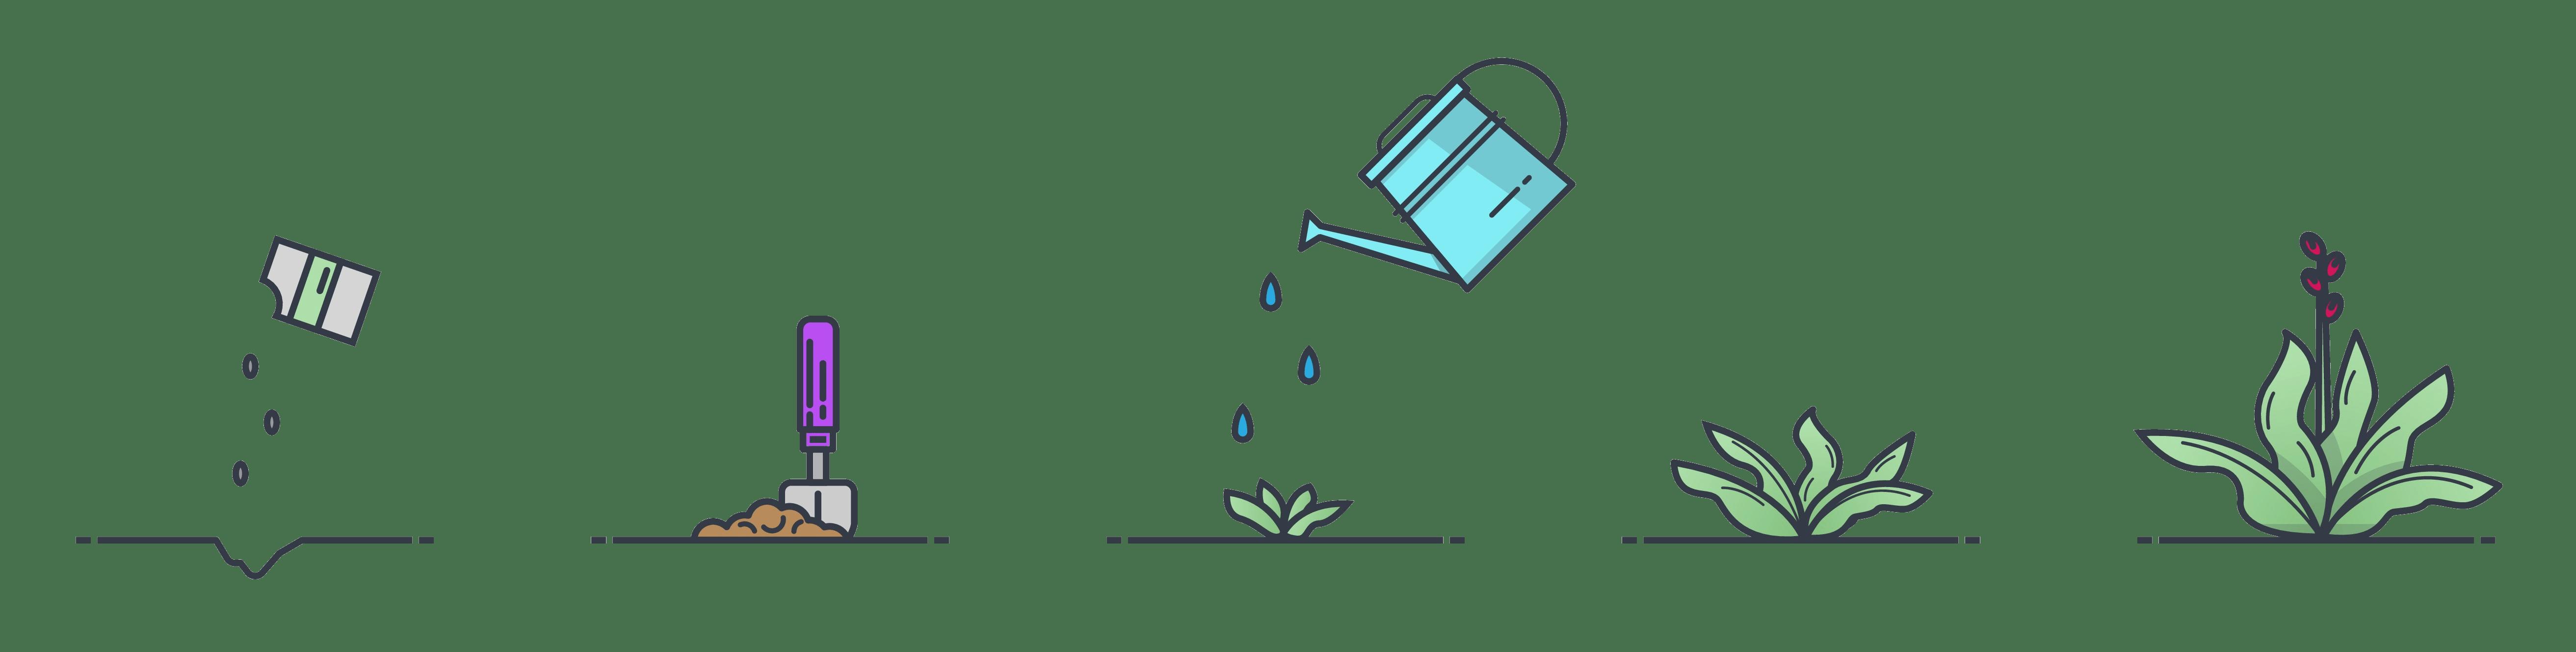 Nachhaltig Wachsen mit Idunatek, Suchmaschinenoptimierung